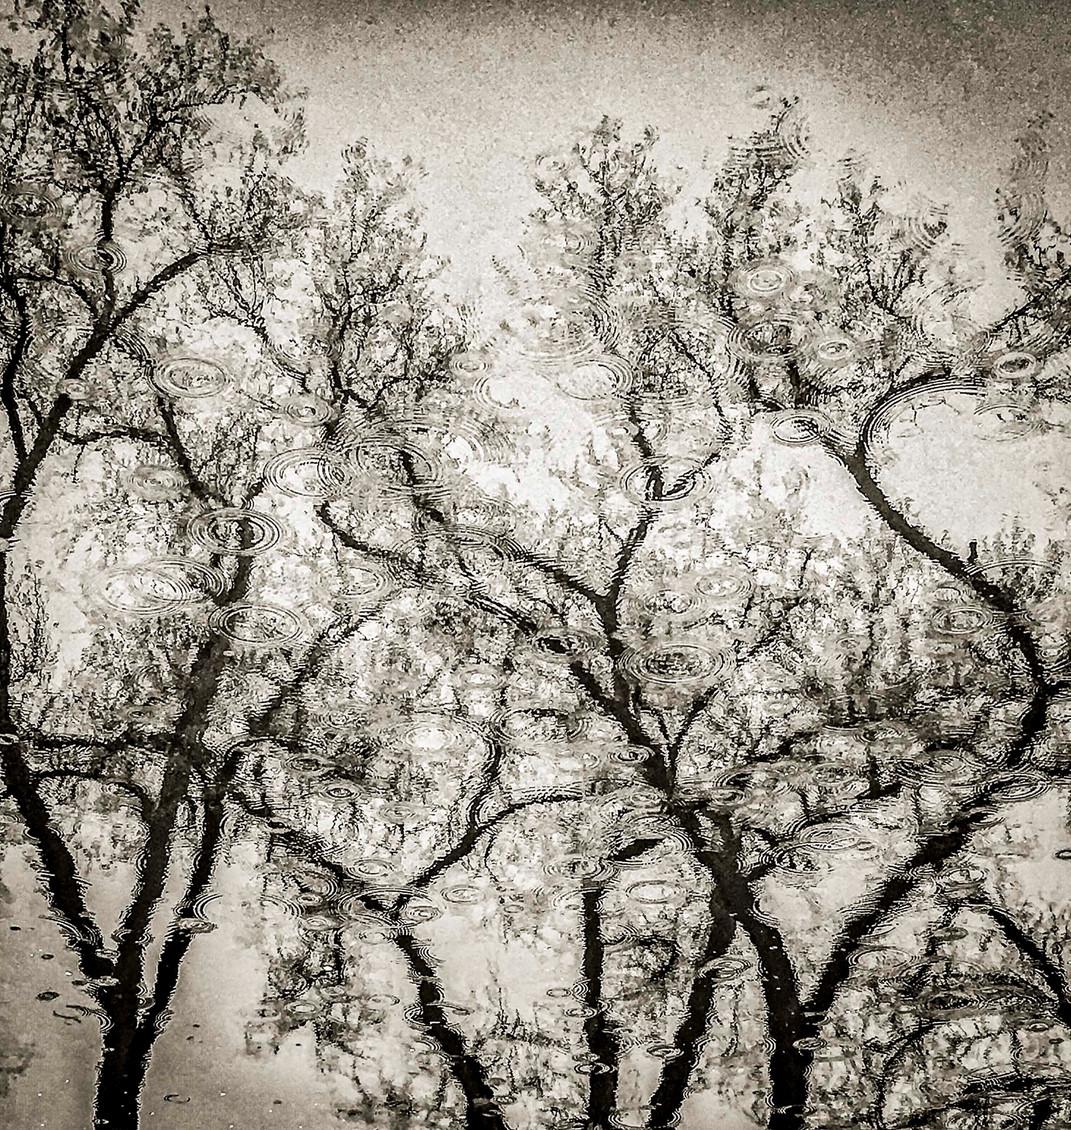 Siddho-Photography-nature-BW-27.jpg